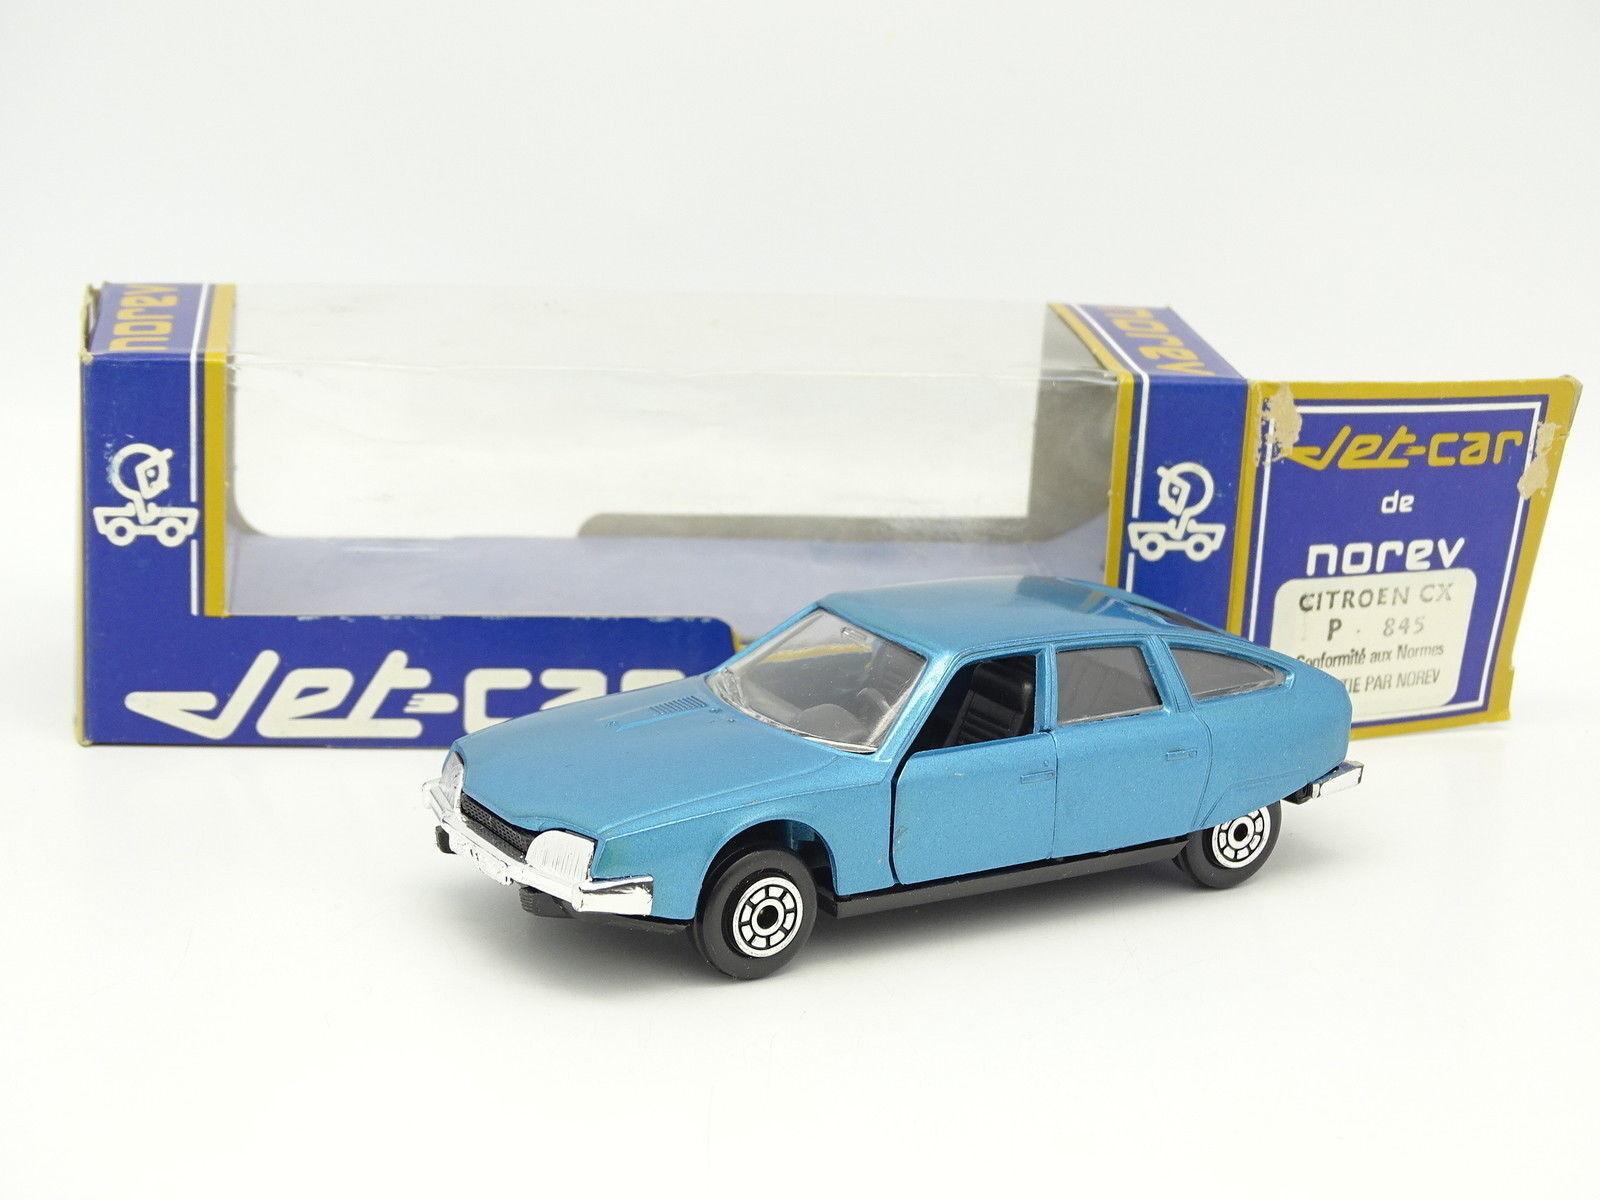 Norev Jet Car 1 43 - Citroen CX Bleue N°845